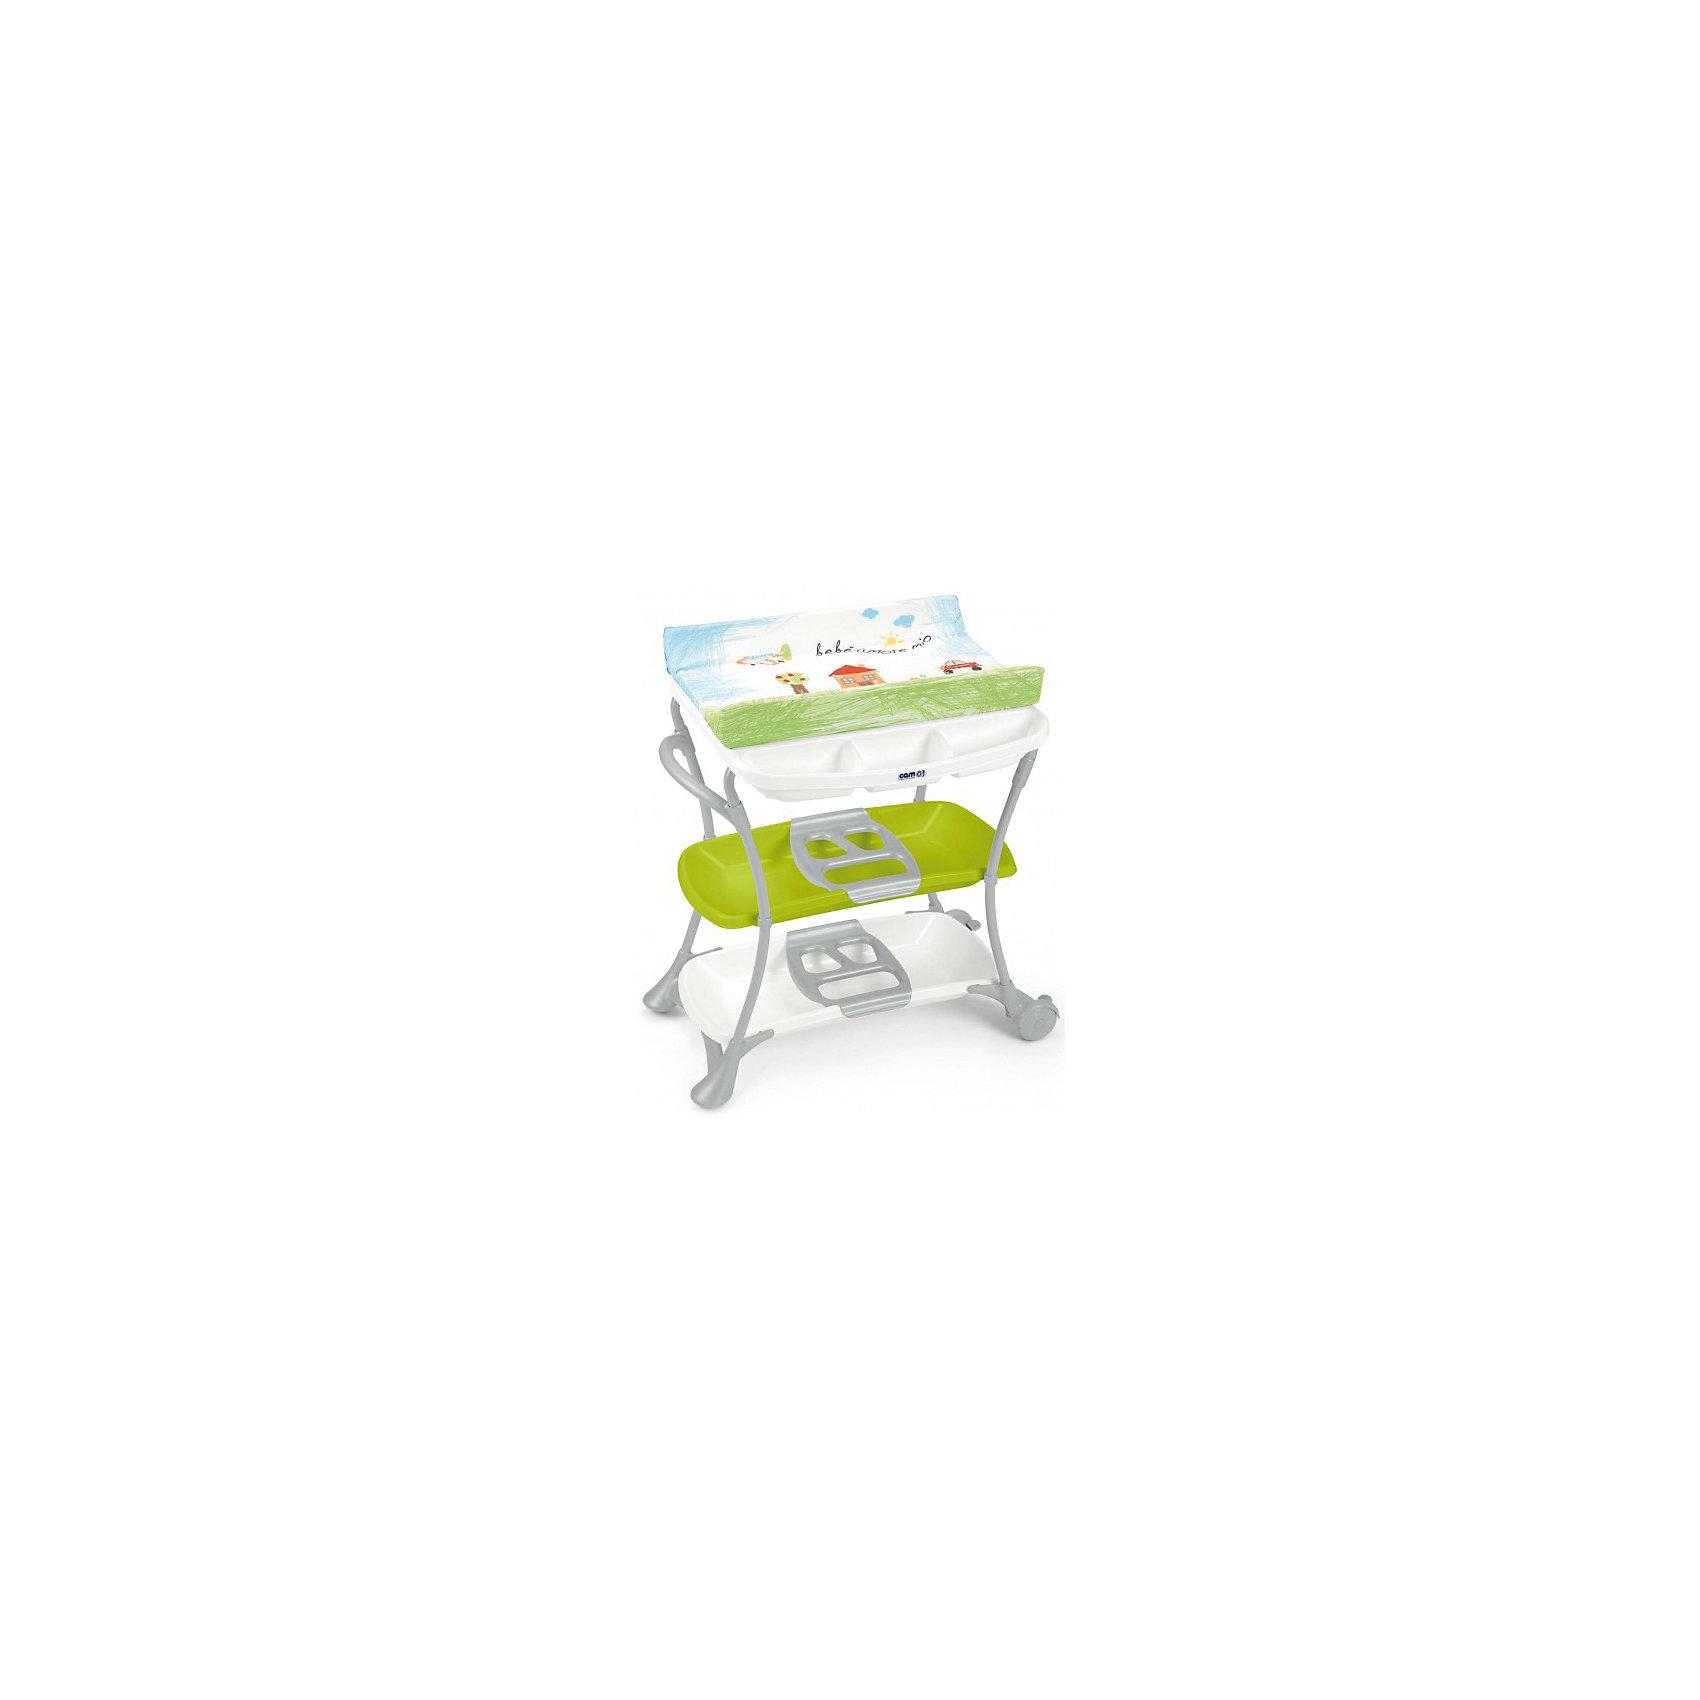 Пеленальный столик Nuvola, CAM, Bebe amore mio с салатовой полкой